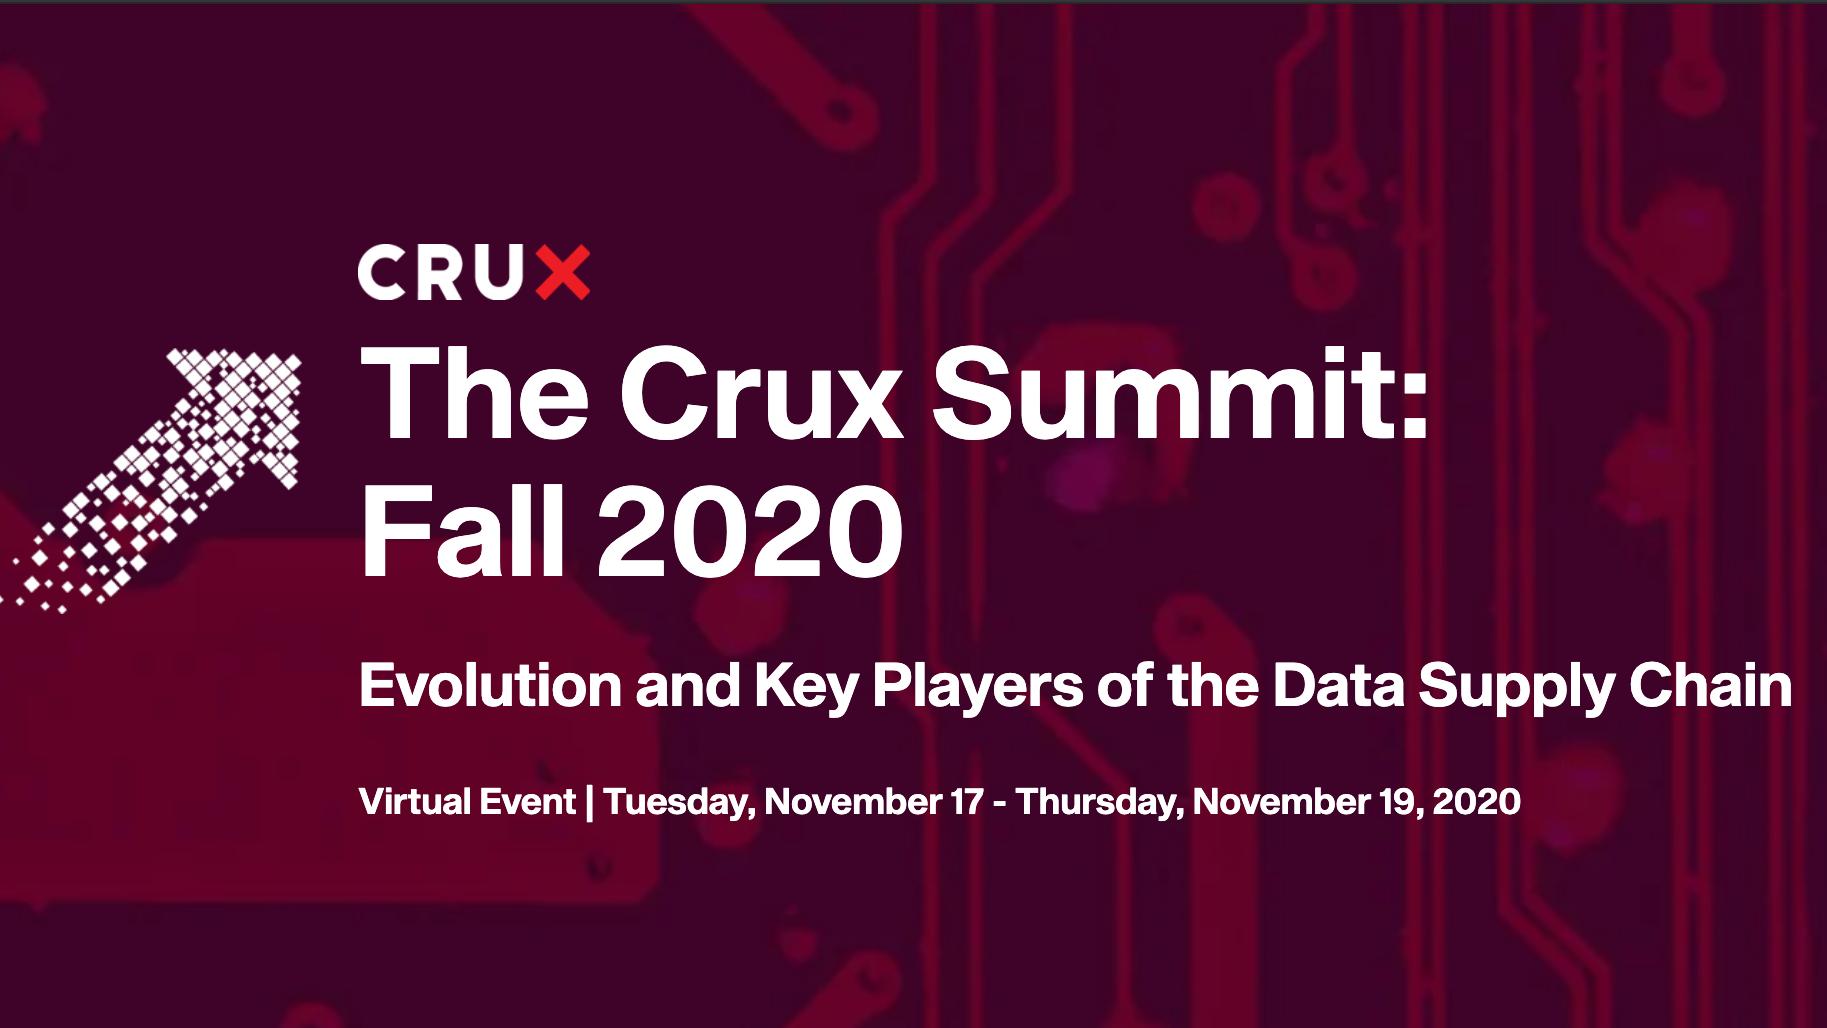 crux-summit-fall-2020